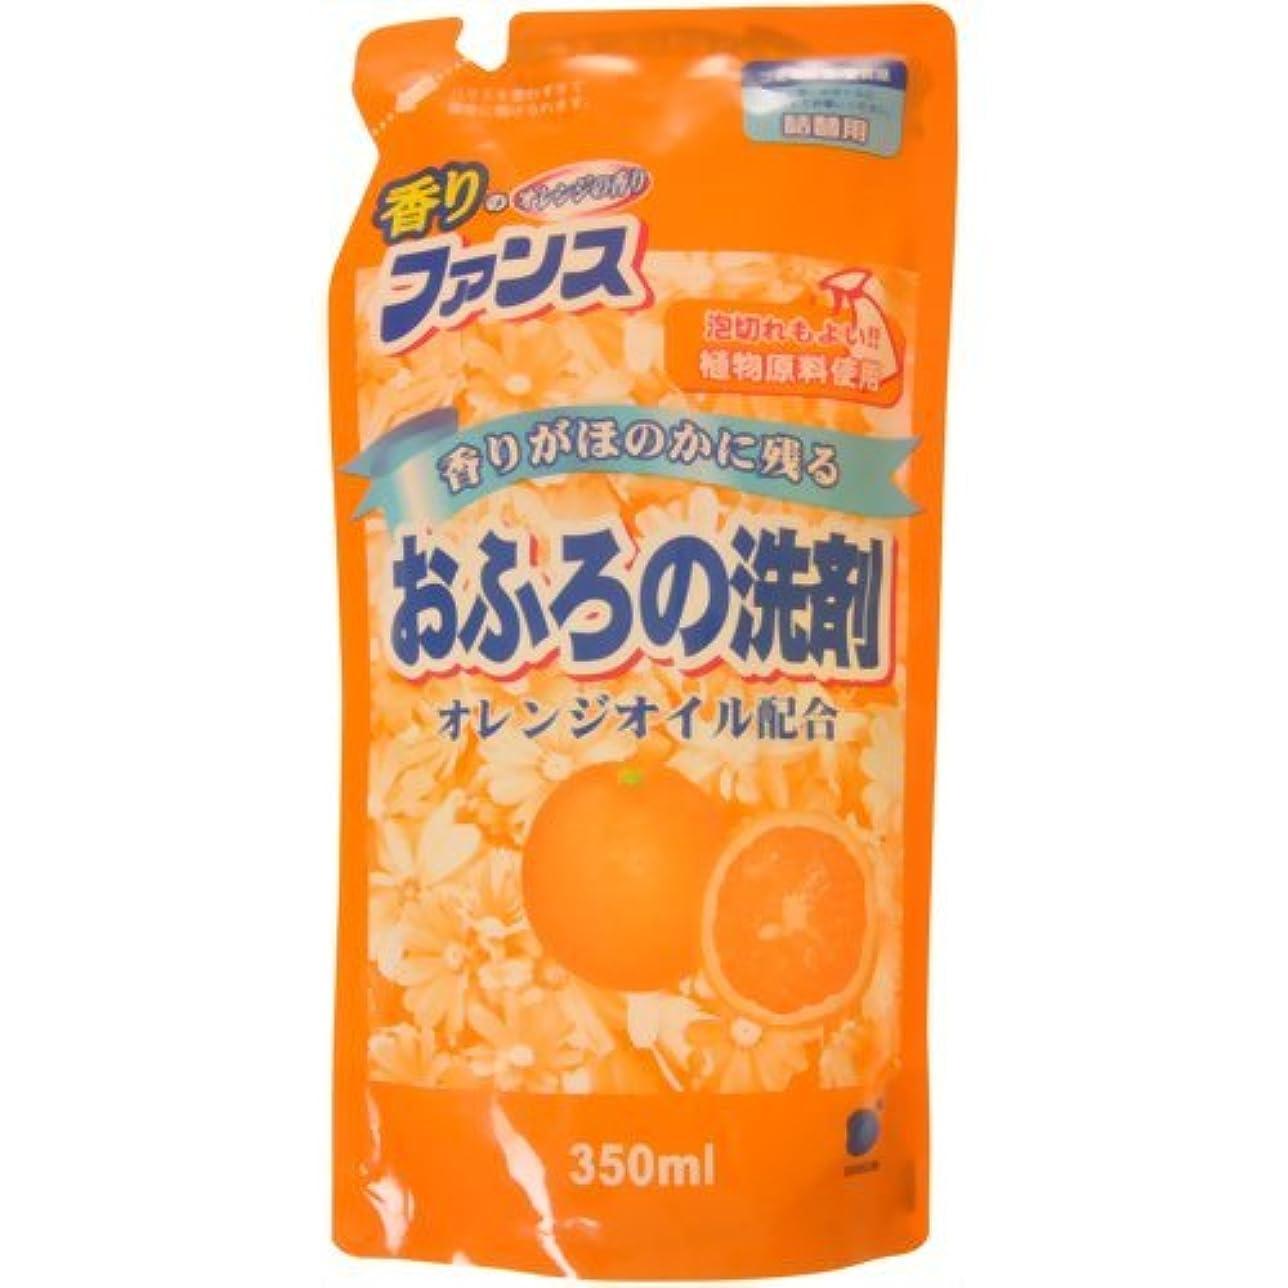 帝国するトランクライブラリ香りのファンス おふろの洗剤 オレンジ つめかえ用 350ml